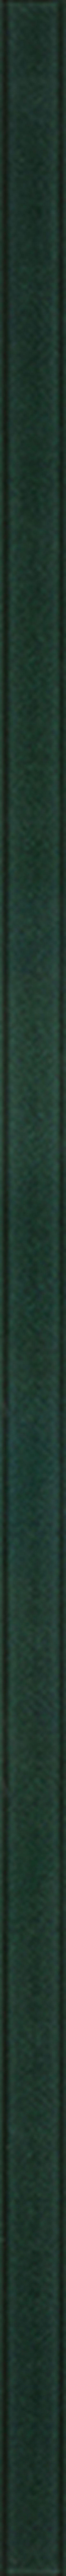 Paradyż Uniwersalna Listwa Szklana Green